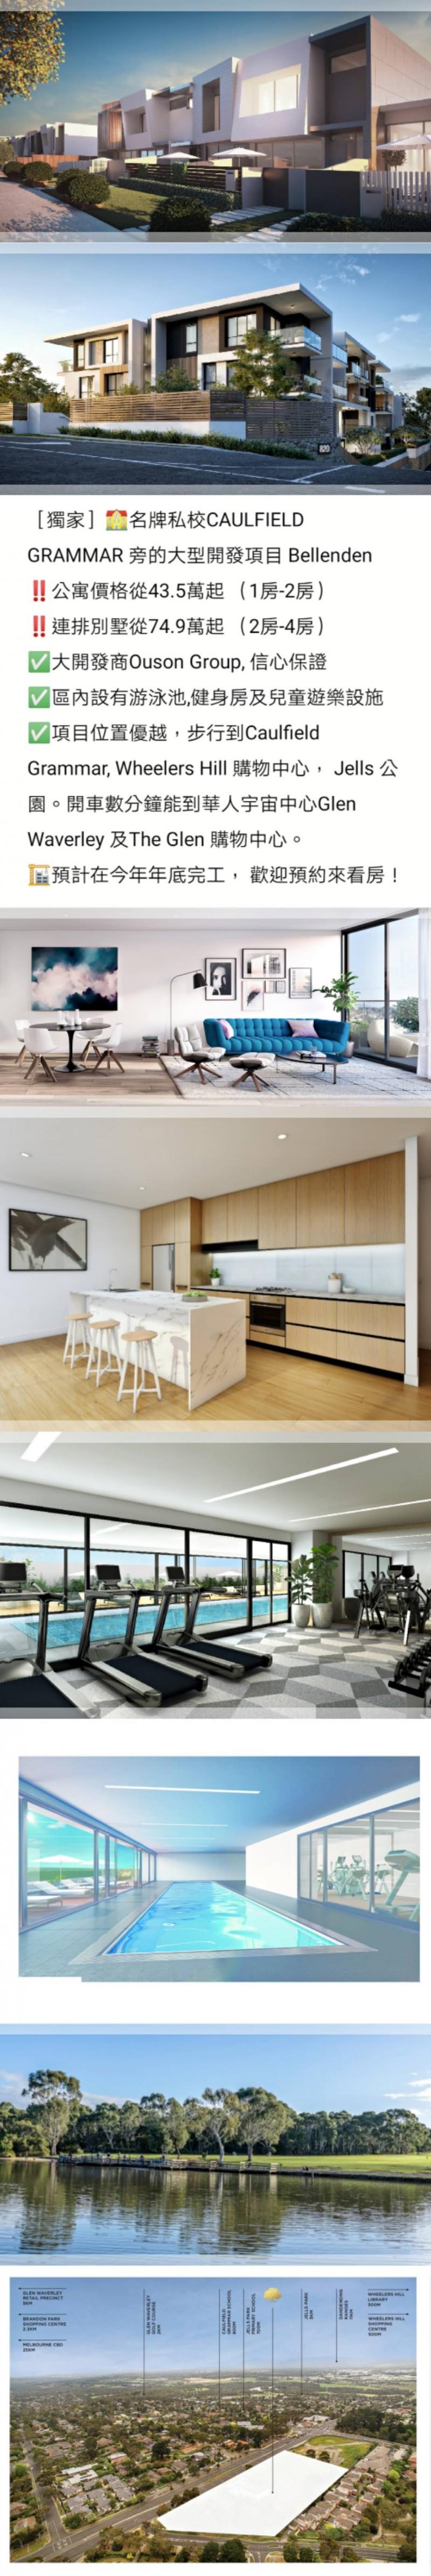 墨尔本东南区综合大项目公寓或联排别墅可购